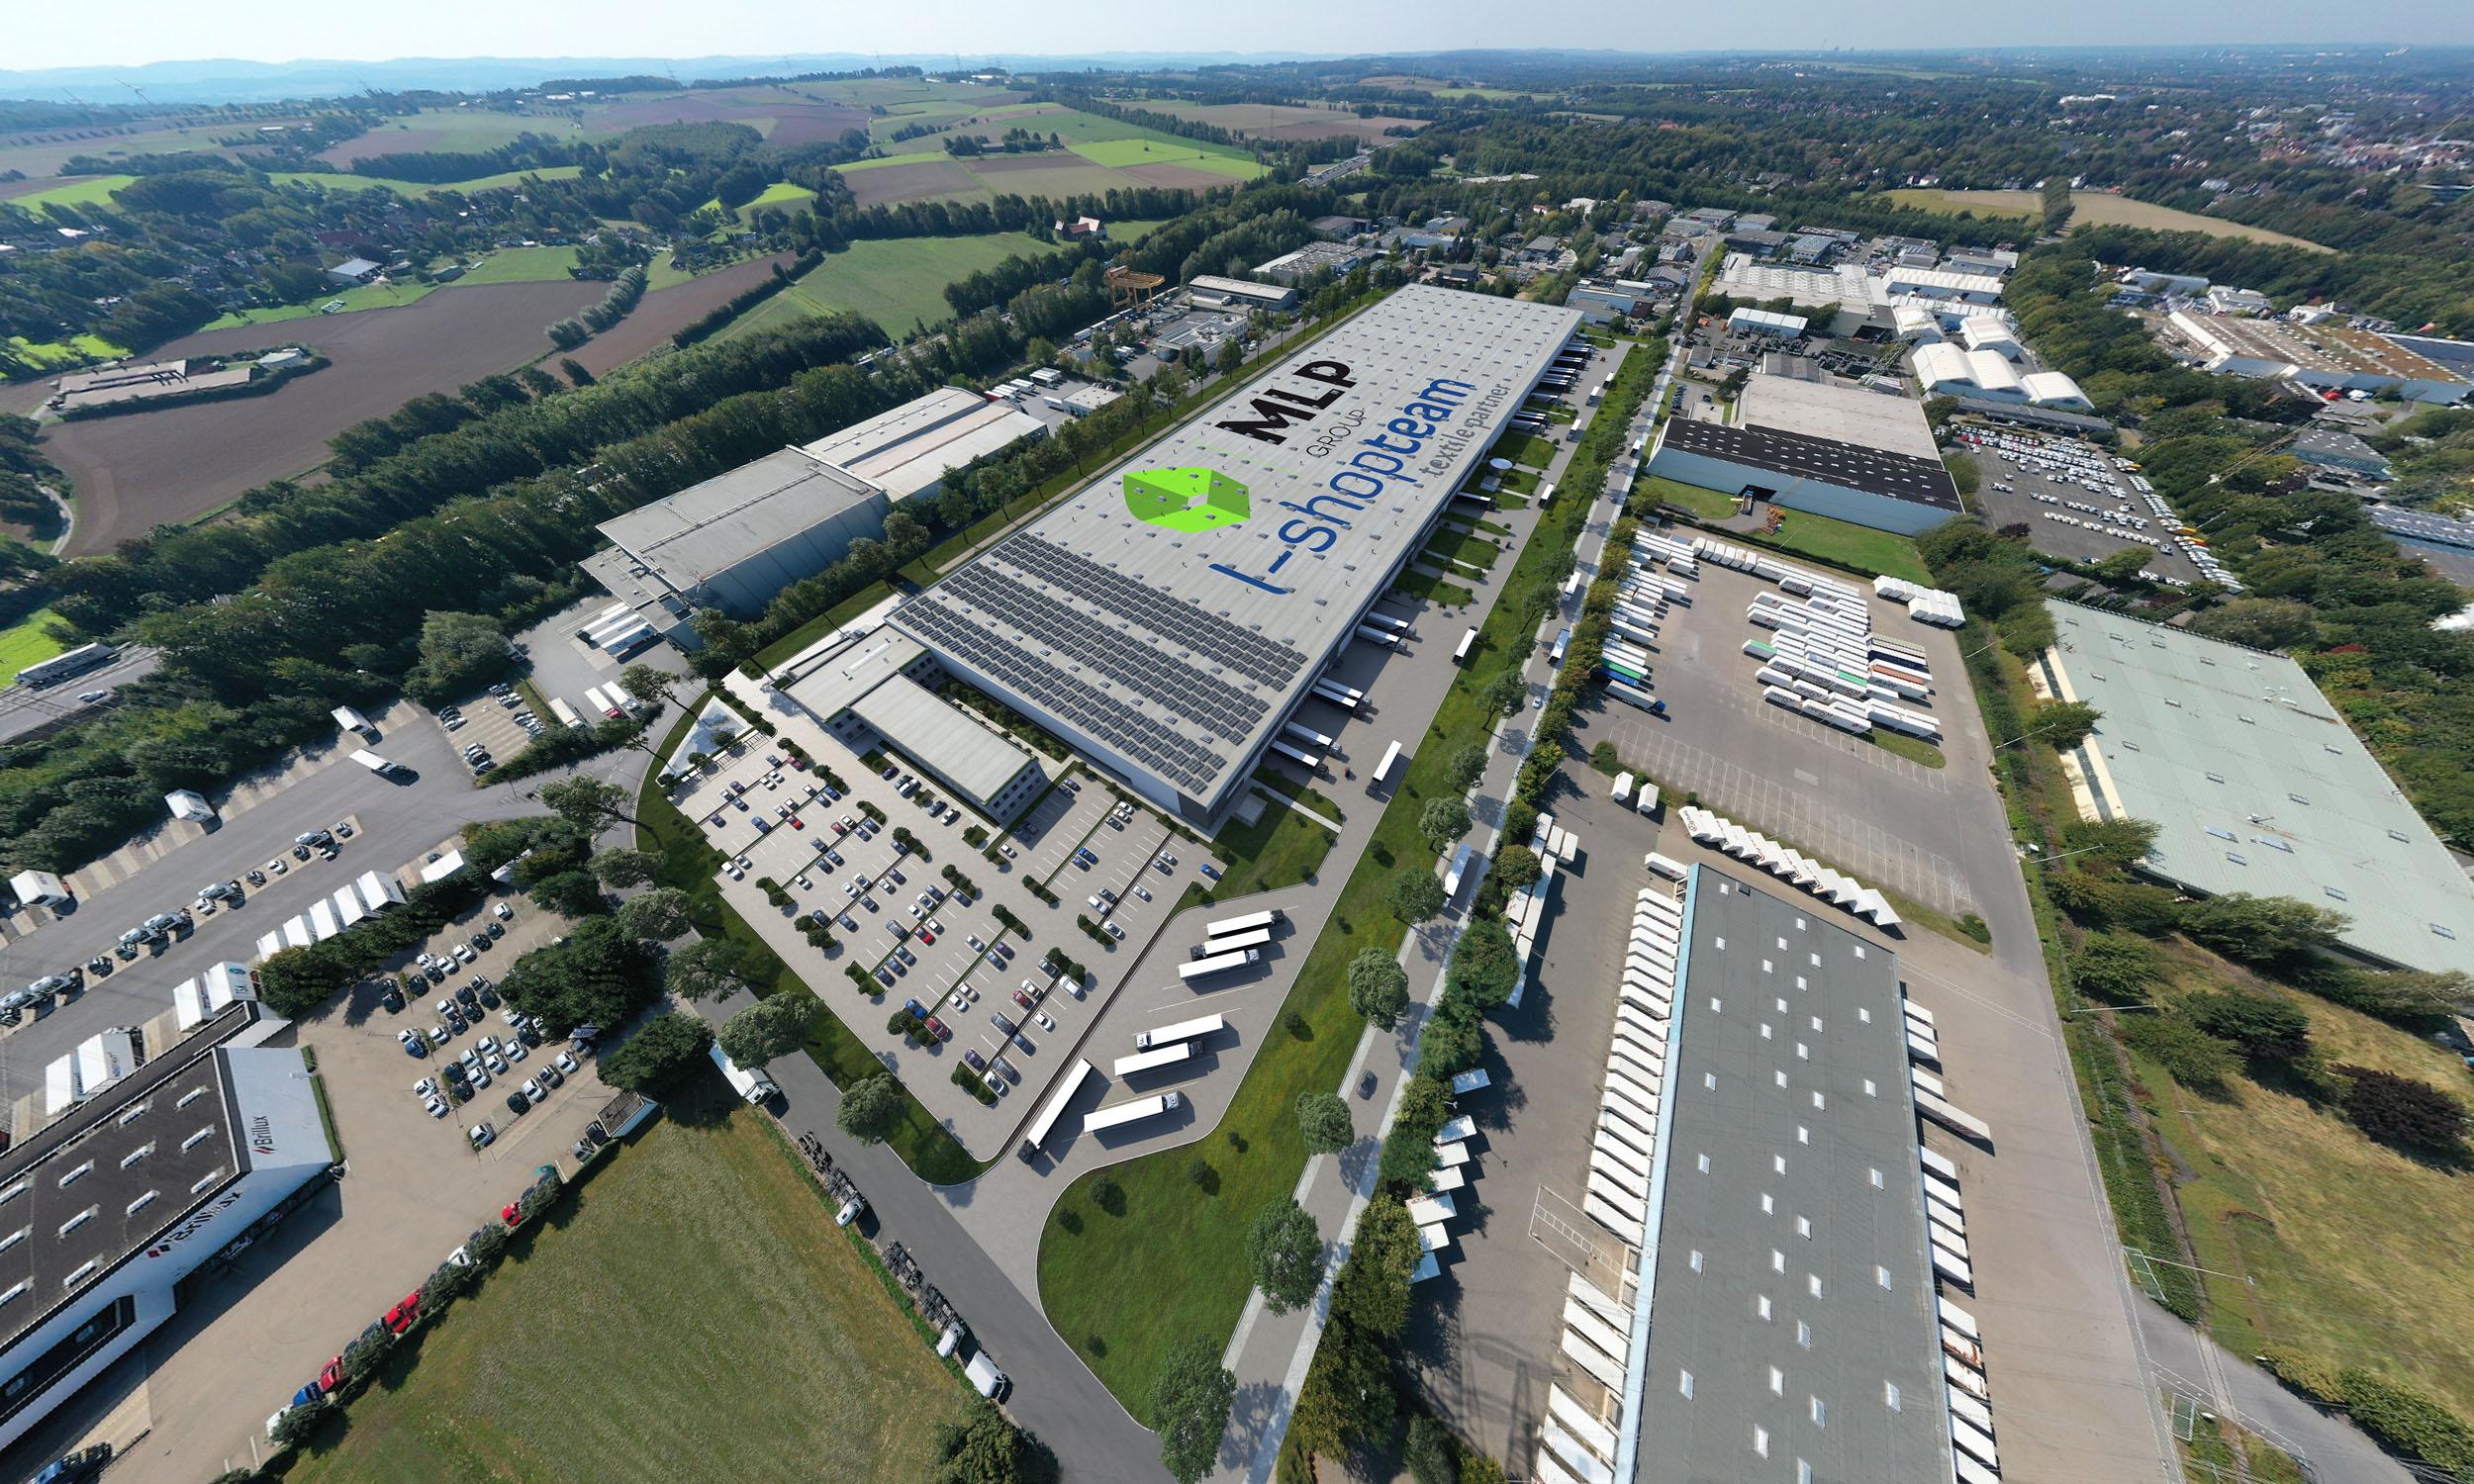 MLP Group zawarło transakcję finansowania projektu w Unna o wartości 41,25 mln euro z bankiem BayernLB